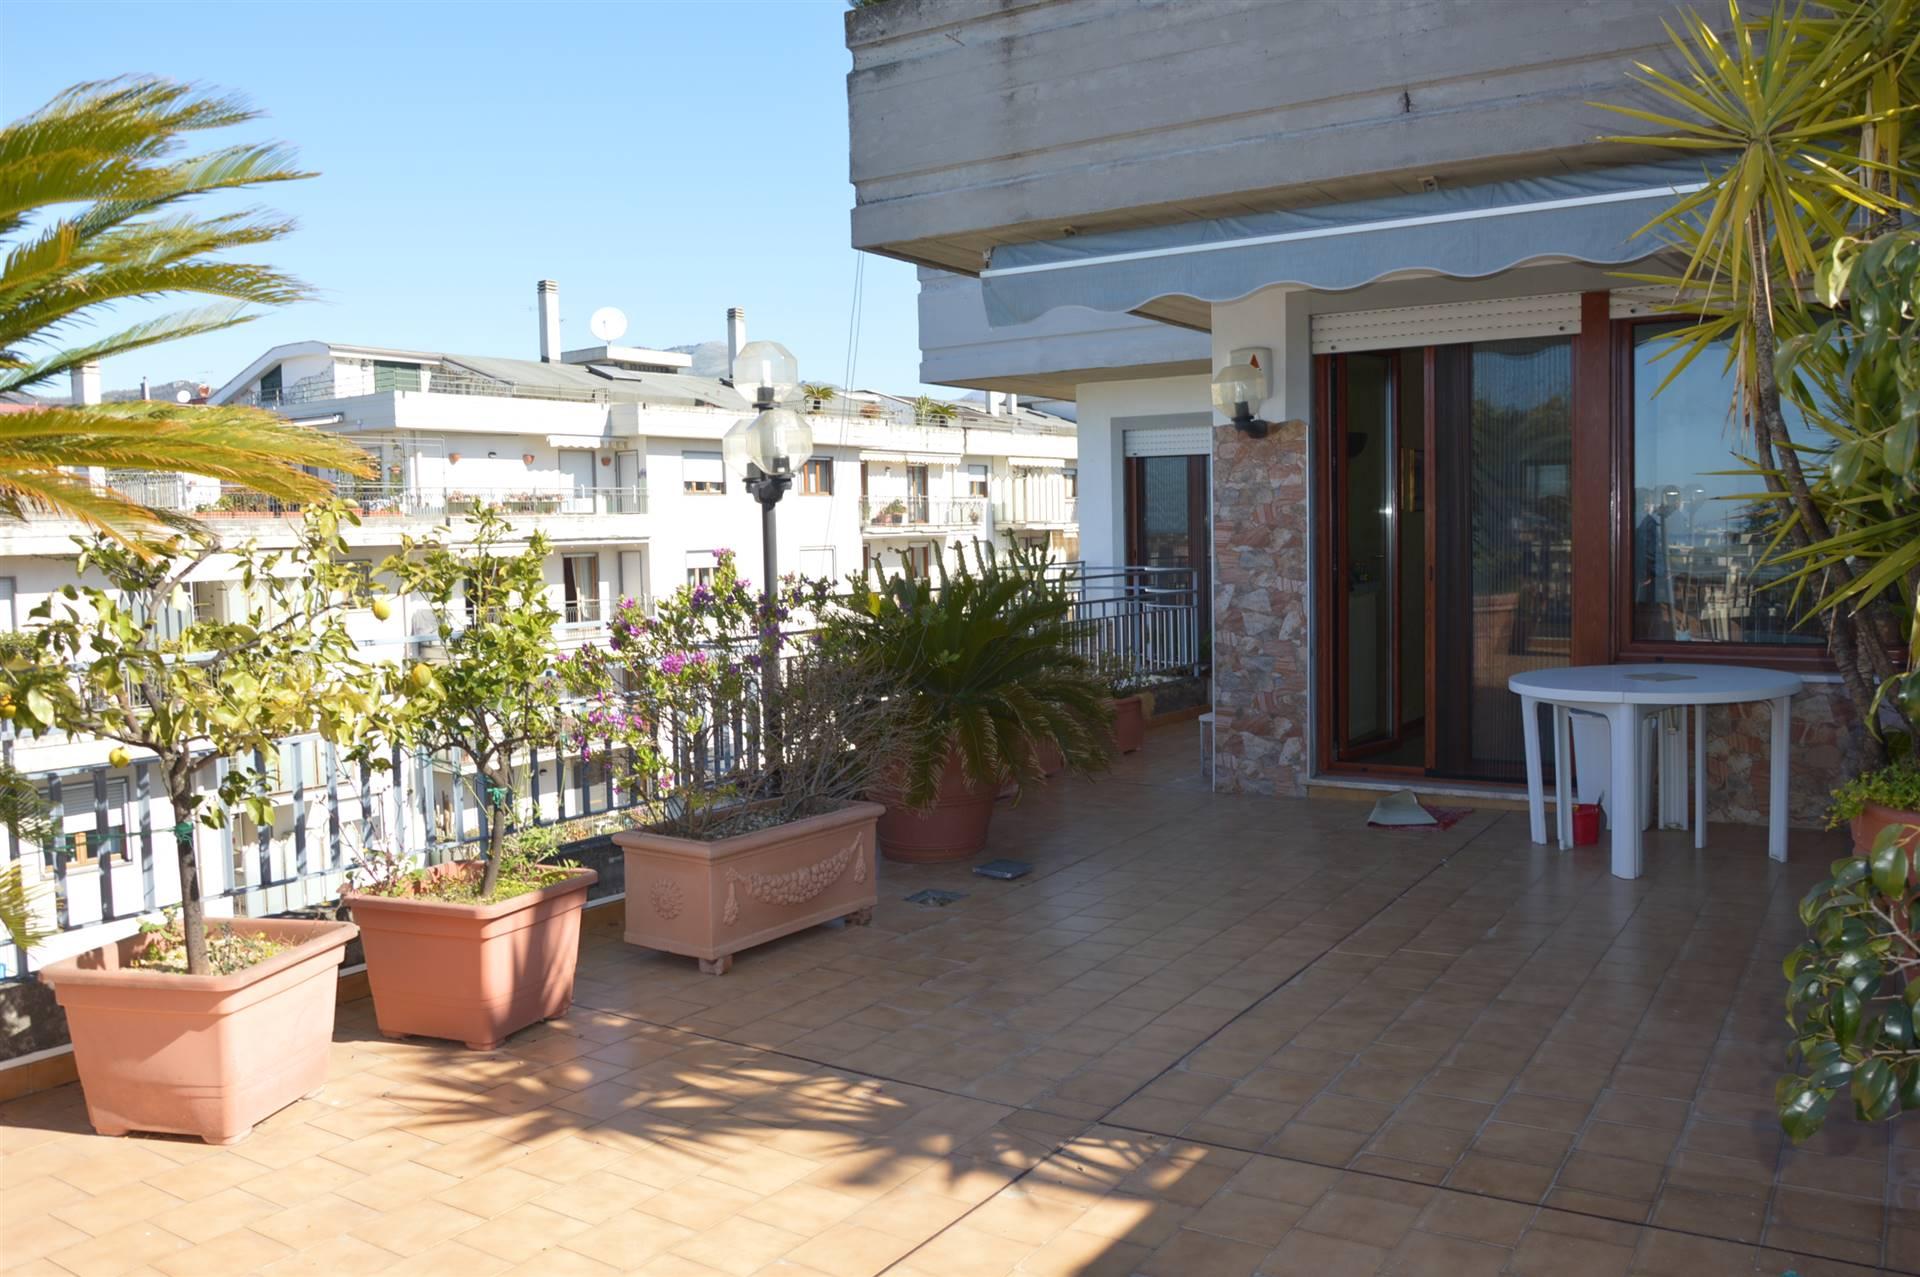 Appartamento in vendita a Salerno, 6 locali, zona Località: ARBOSTELLA, prezzo € 445.000 | PortaleAgenzieImmobiliari.it